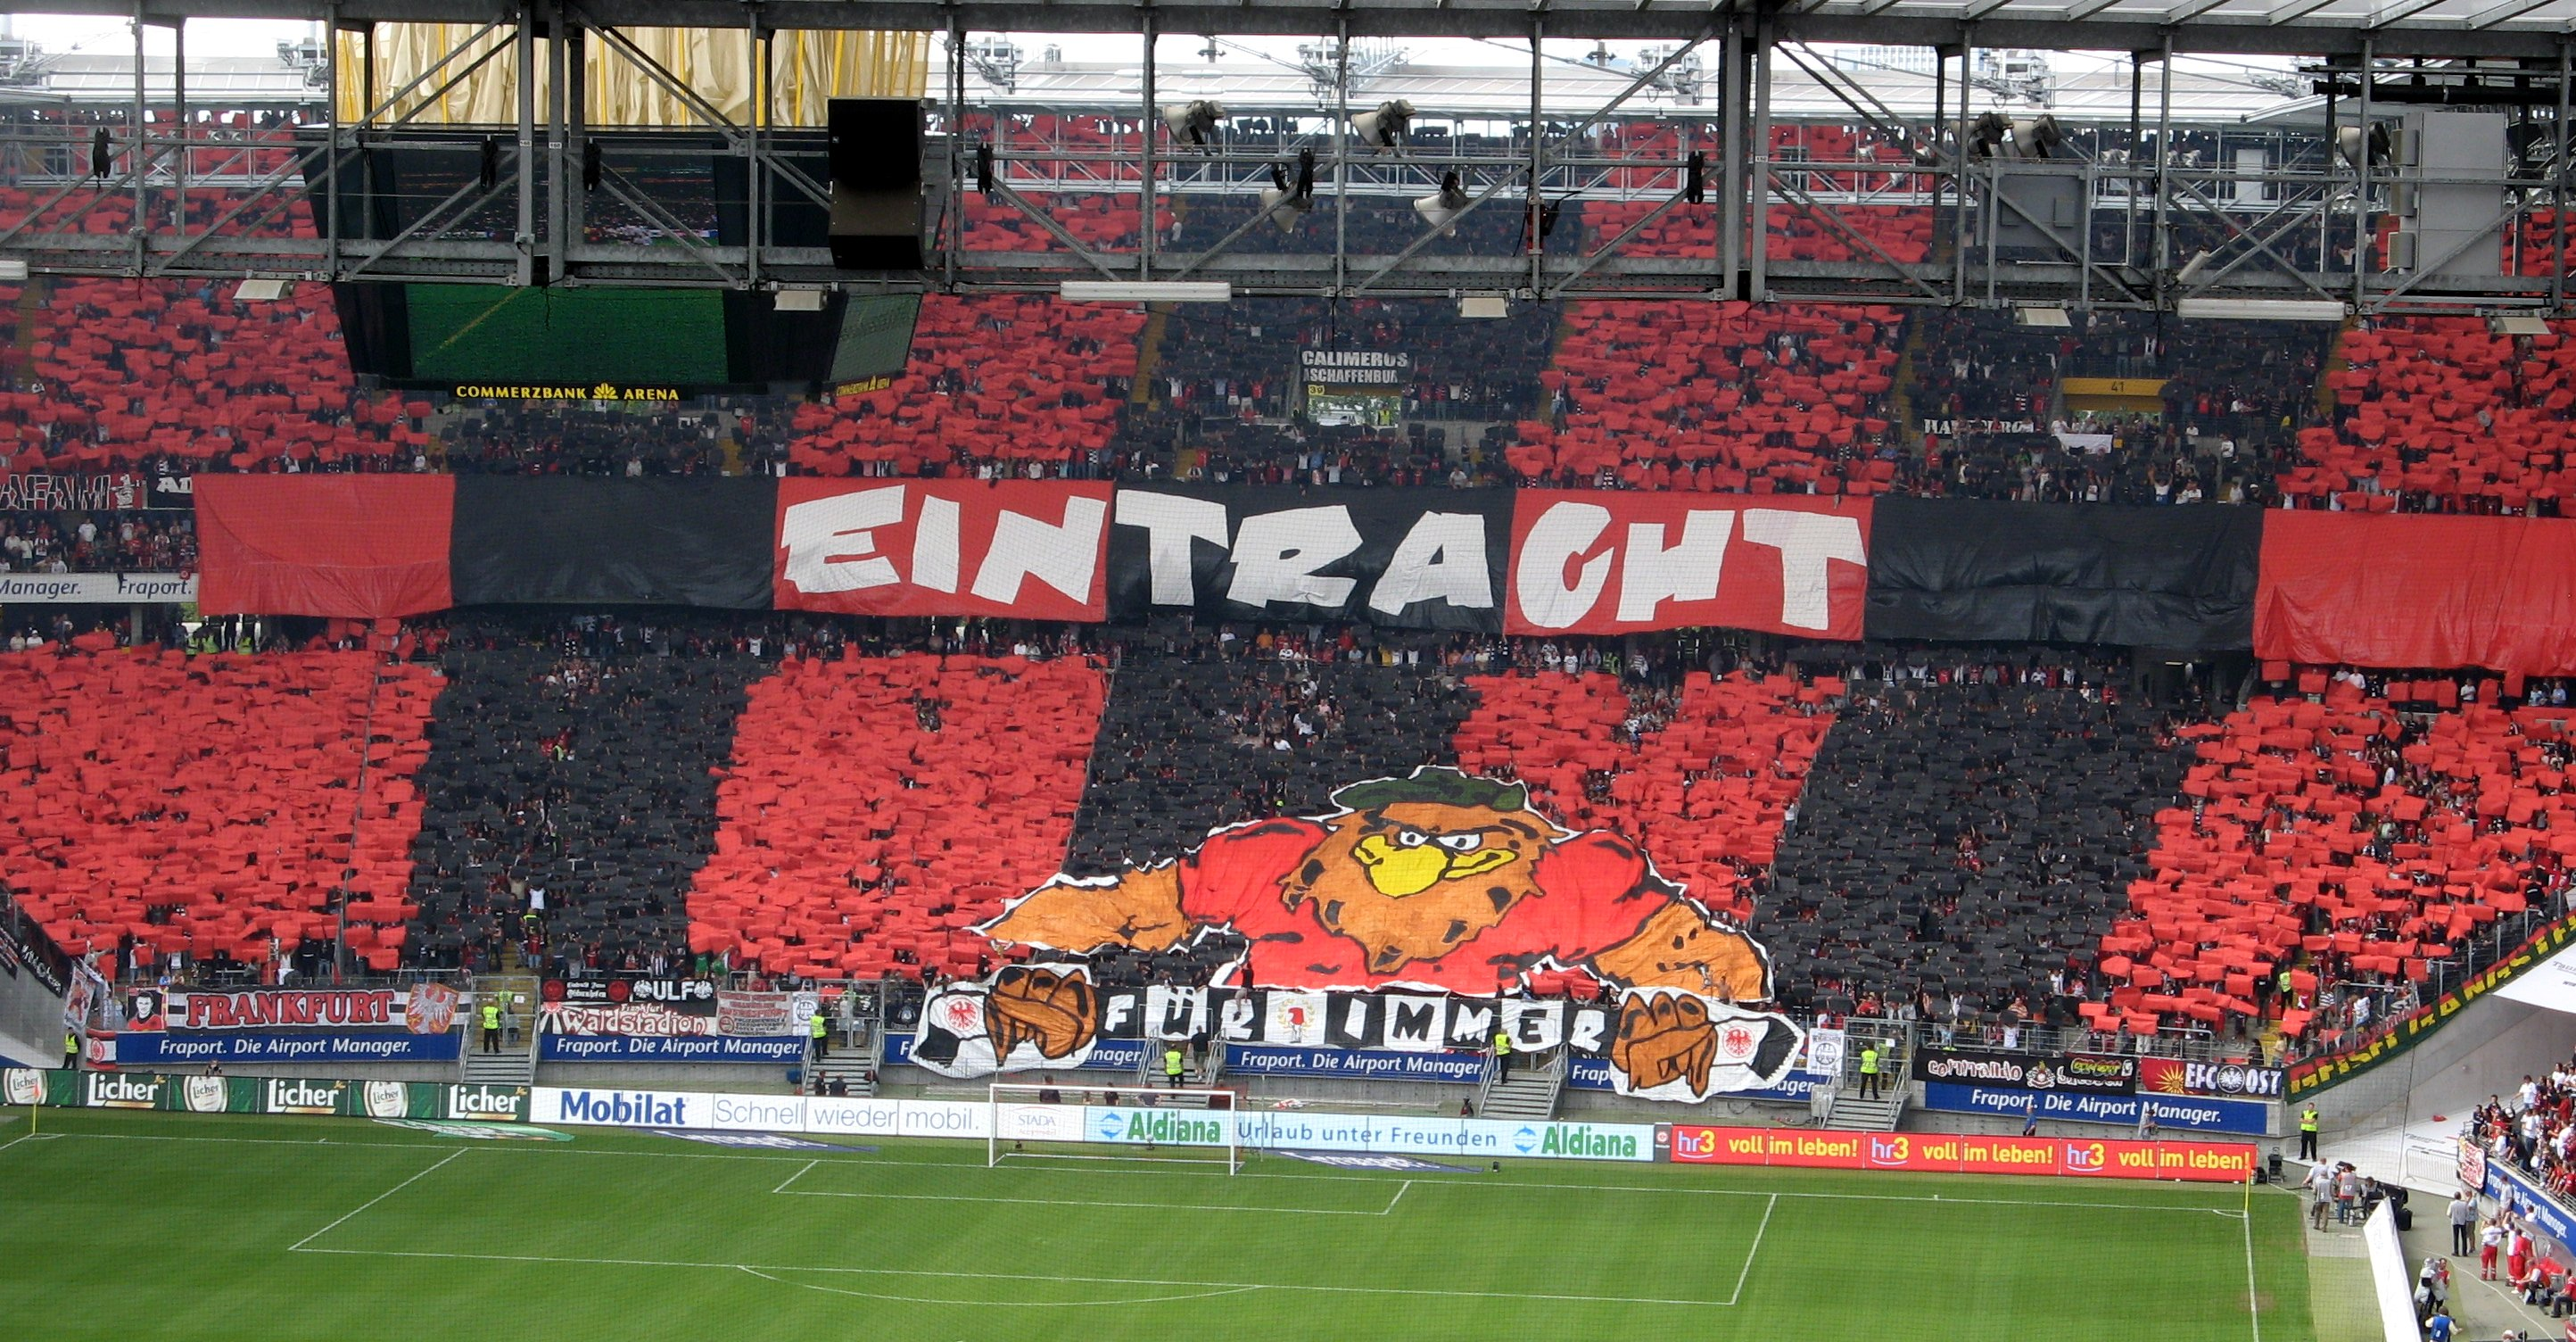 http://upload.wikimedia.org/wikipedia/commons/e/e6/Eintrachtadler.JPG